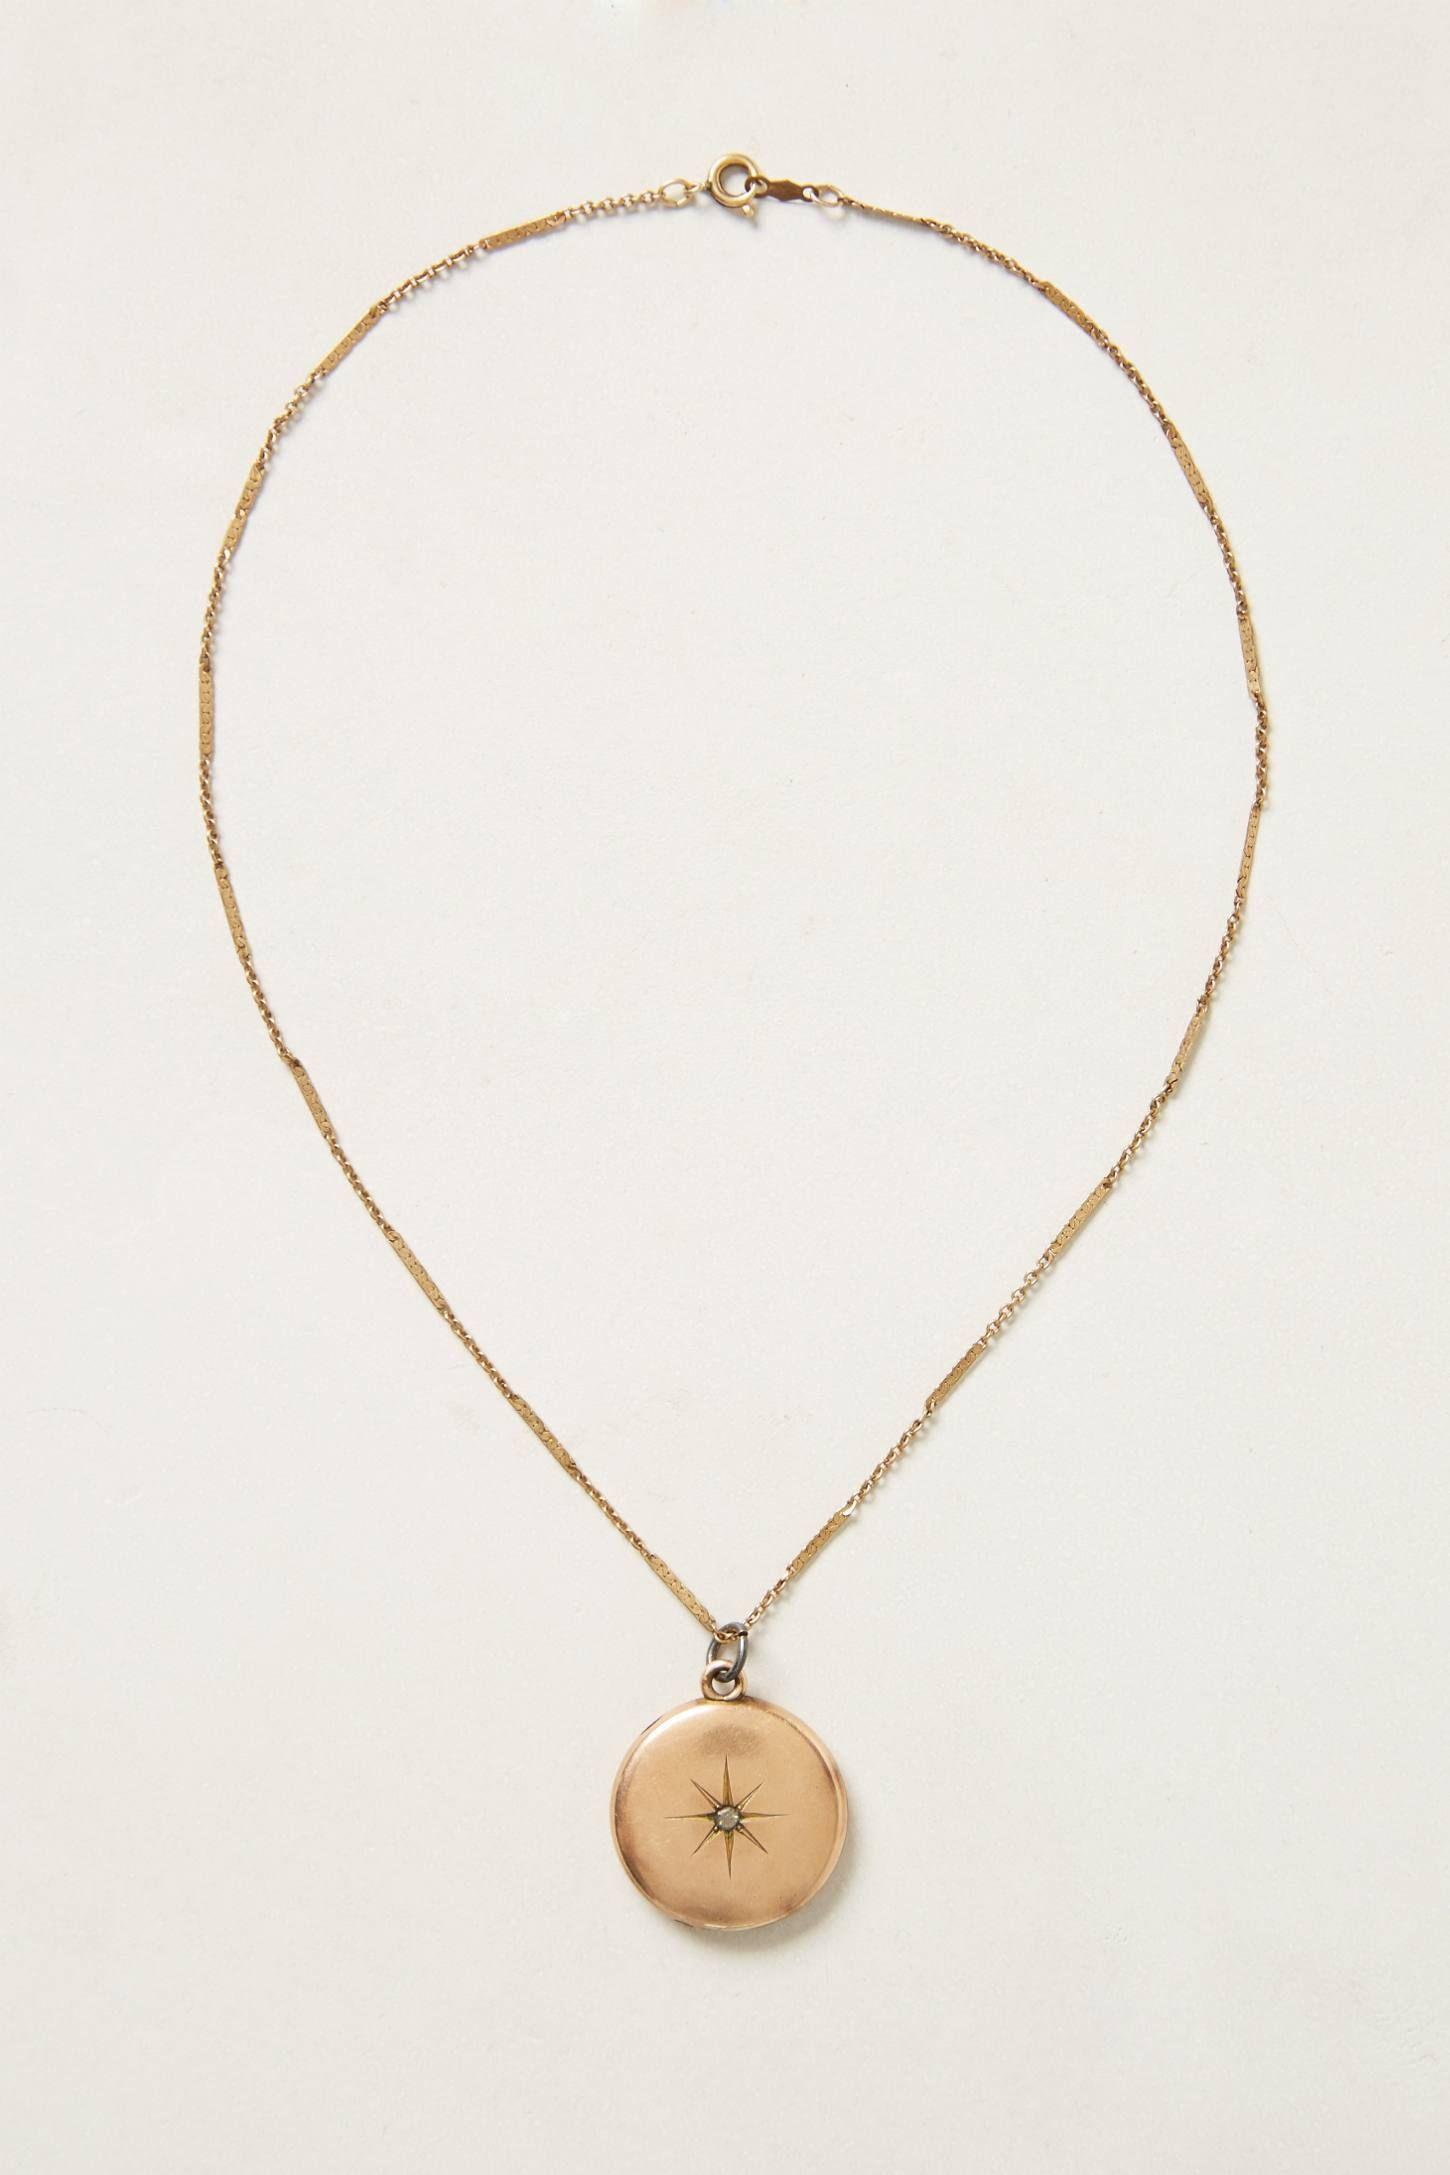 Anthropologie Antiqued Gold Pendant Necklace KJvtY